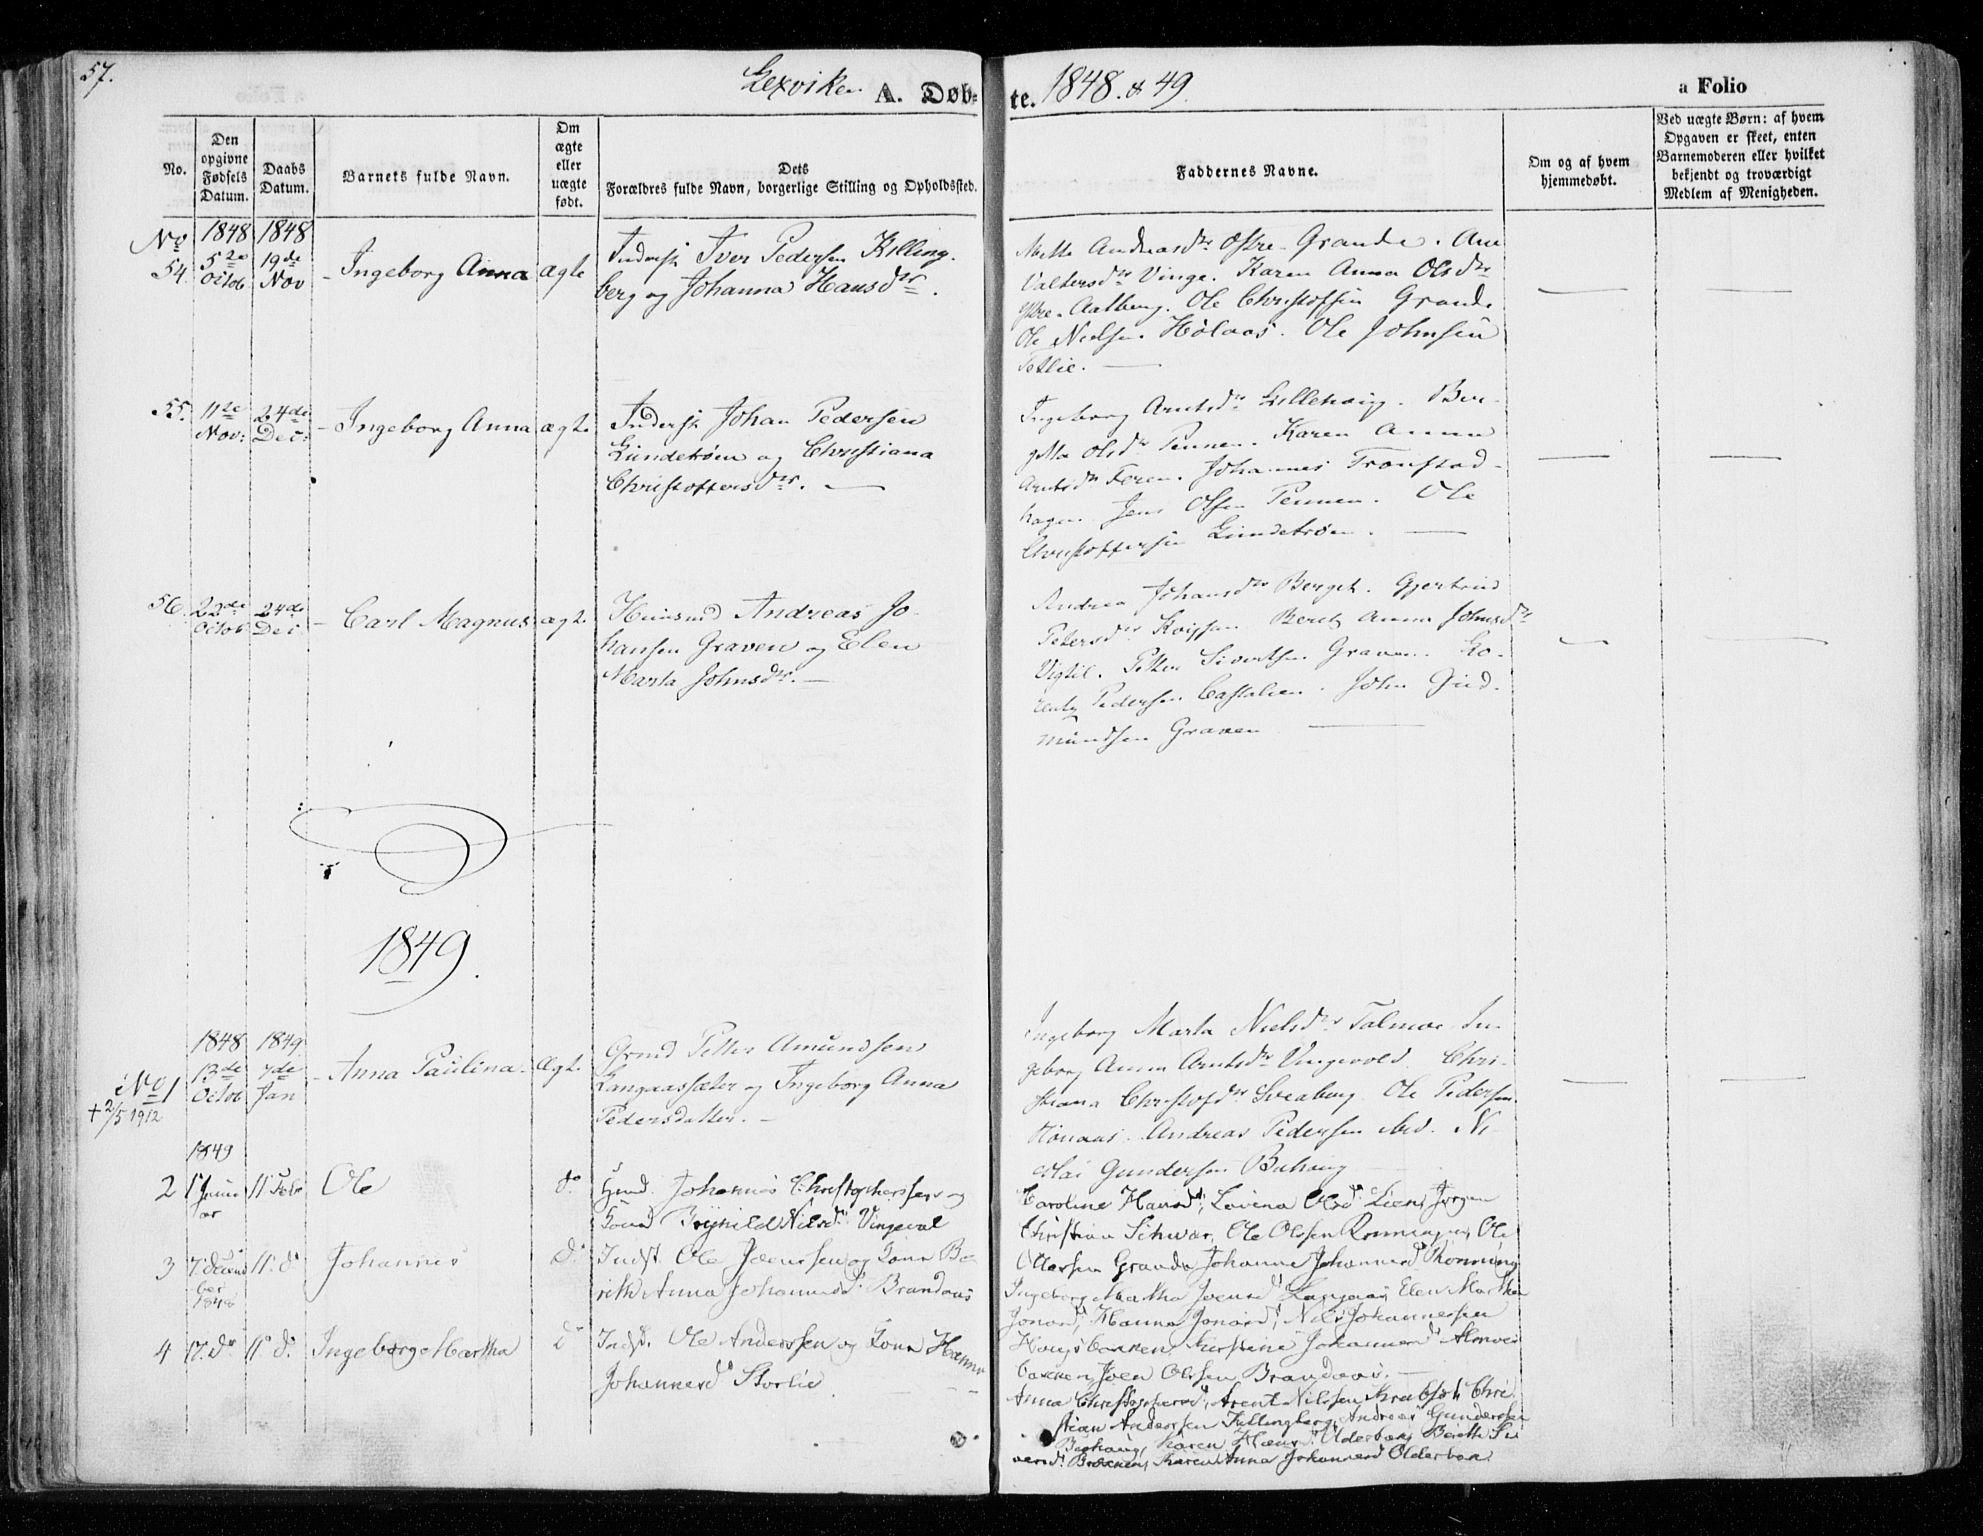 SAT, Ministerialprotokoller, klokkerbøker og fødselsregistre - Nord-Trøndelag, 701/L0007: Ministerialbok nr. 701A07 /1, 1842-1854, s. 57